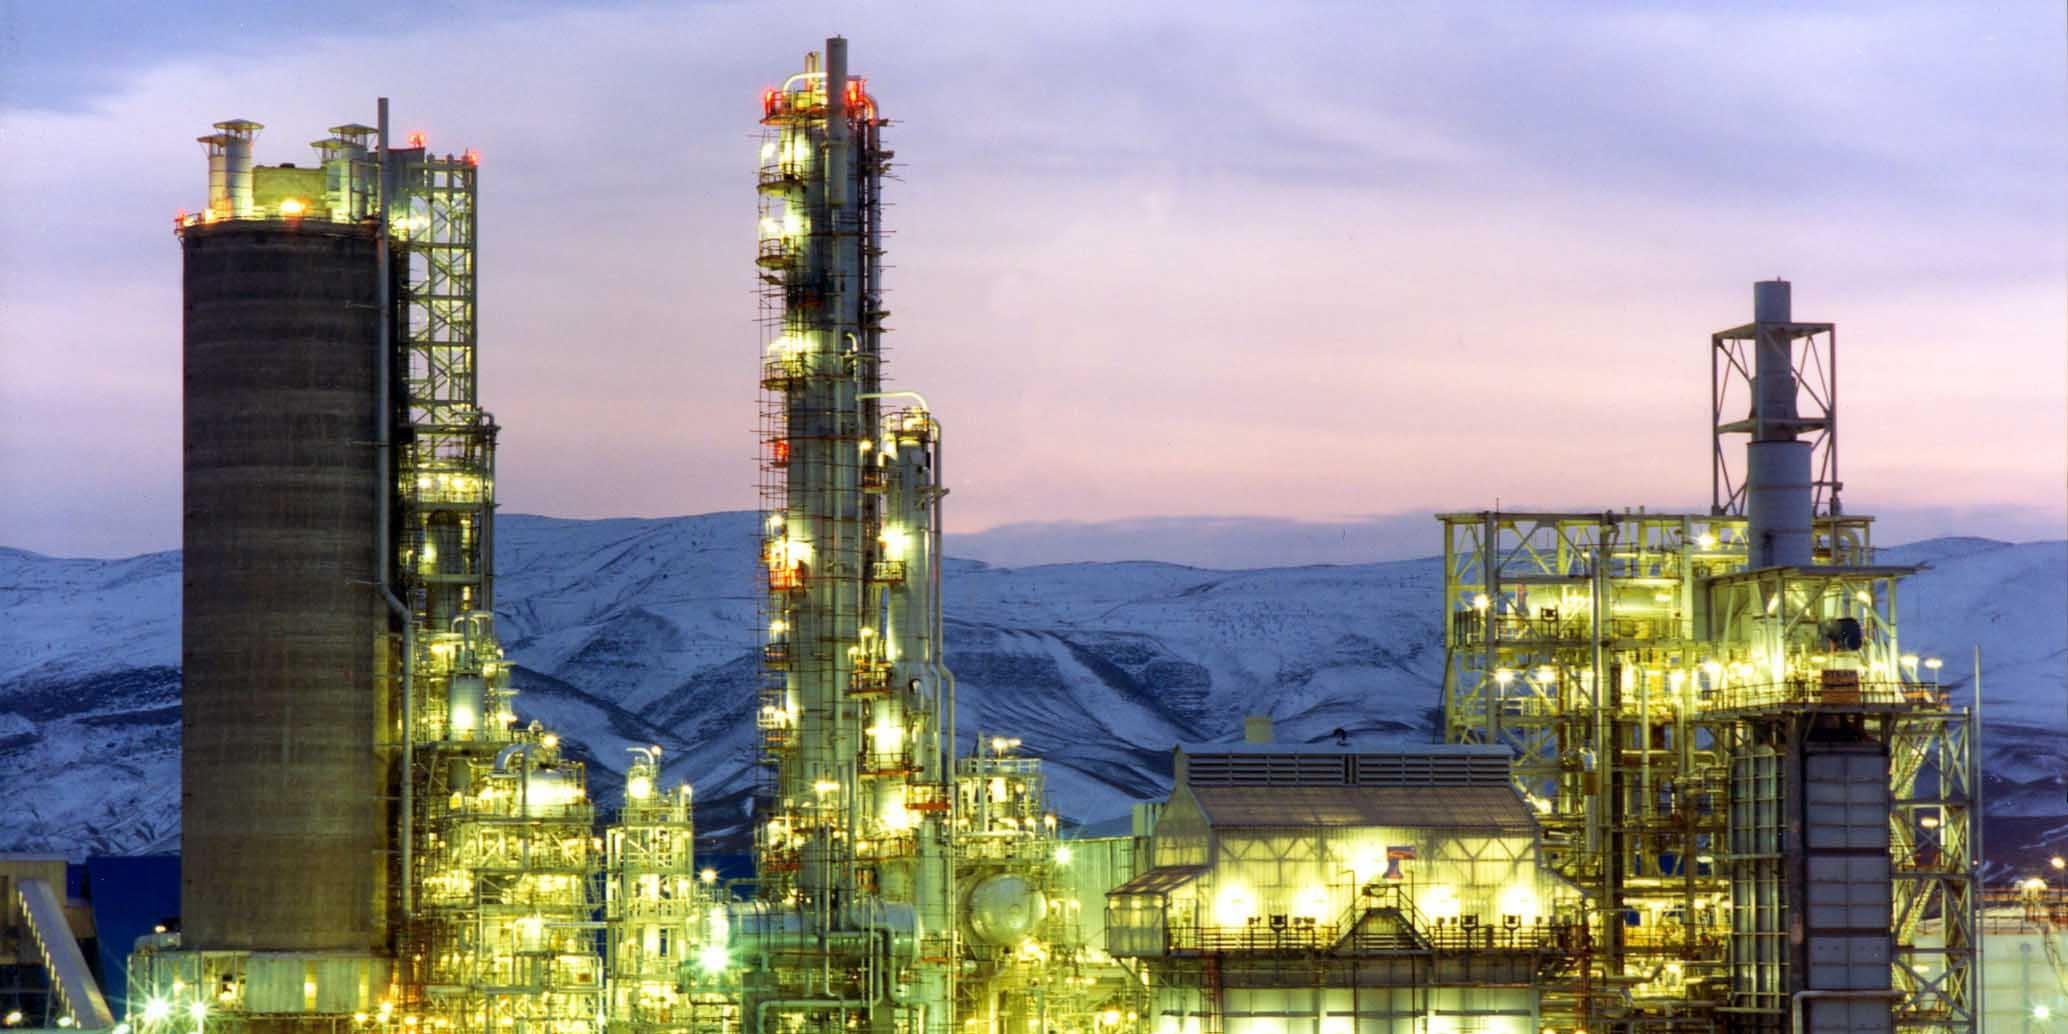 تاثیر کاهش قیمت نفت بر صنعت پتروشیمی در 5 قاره